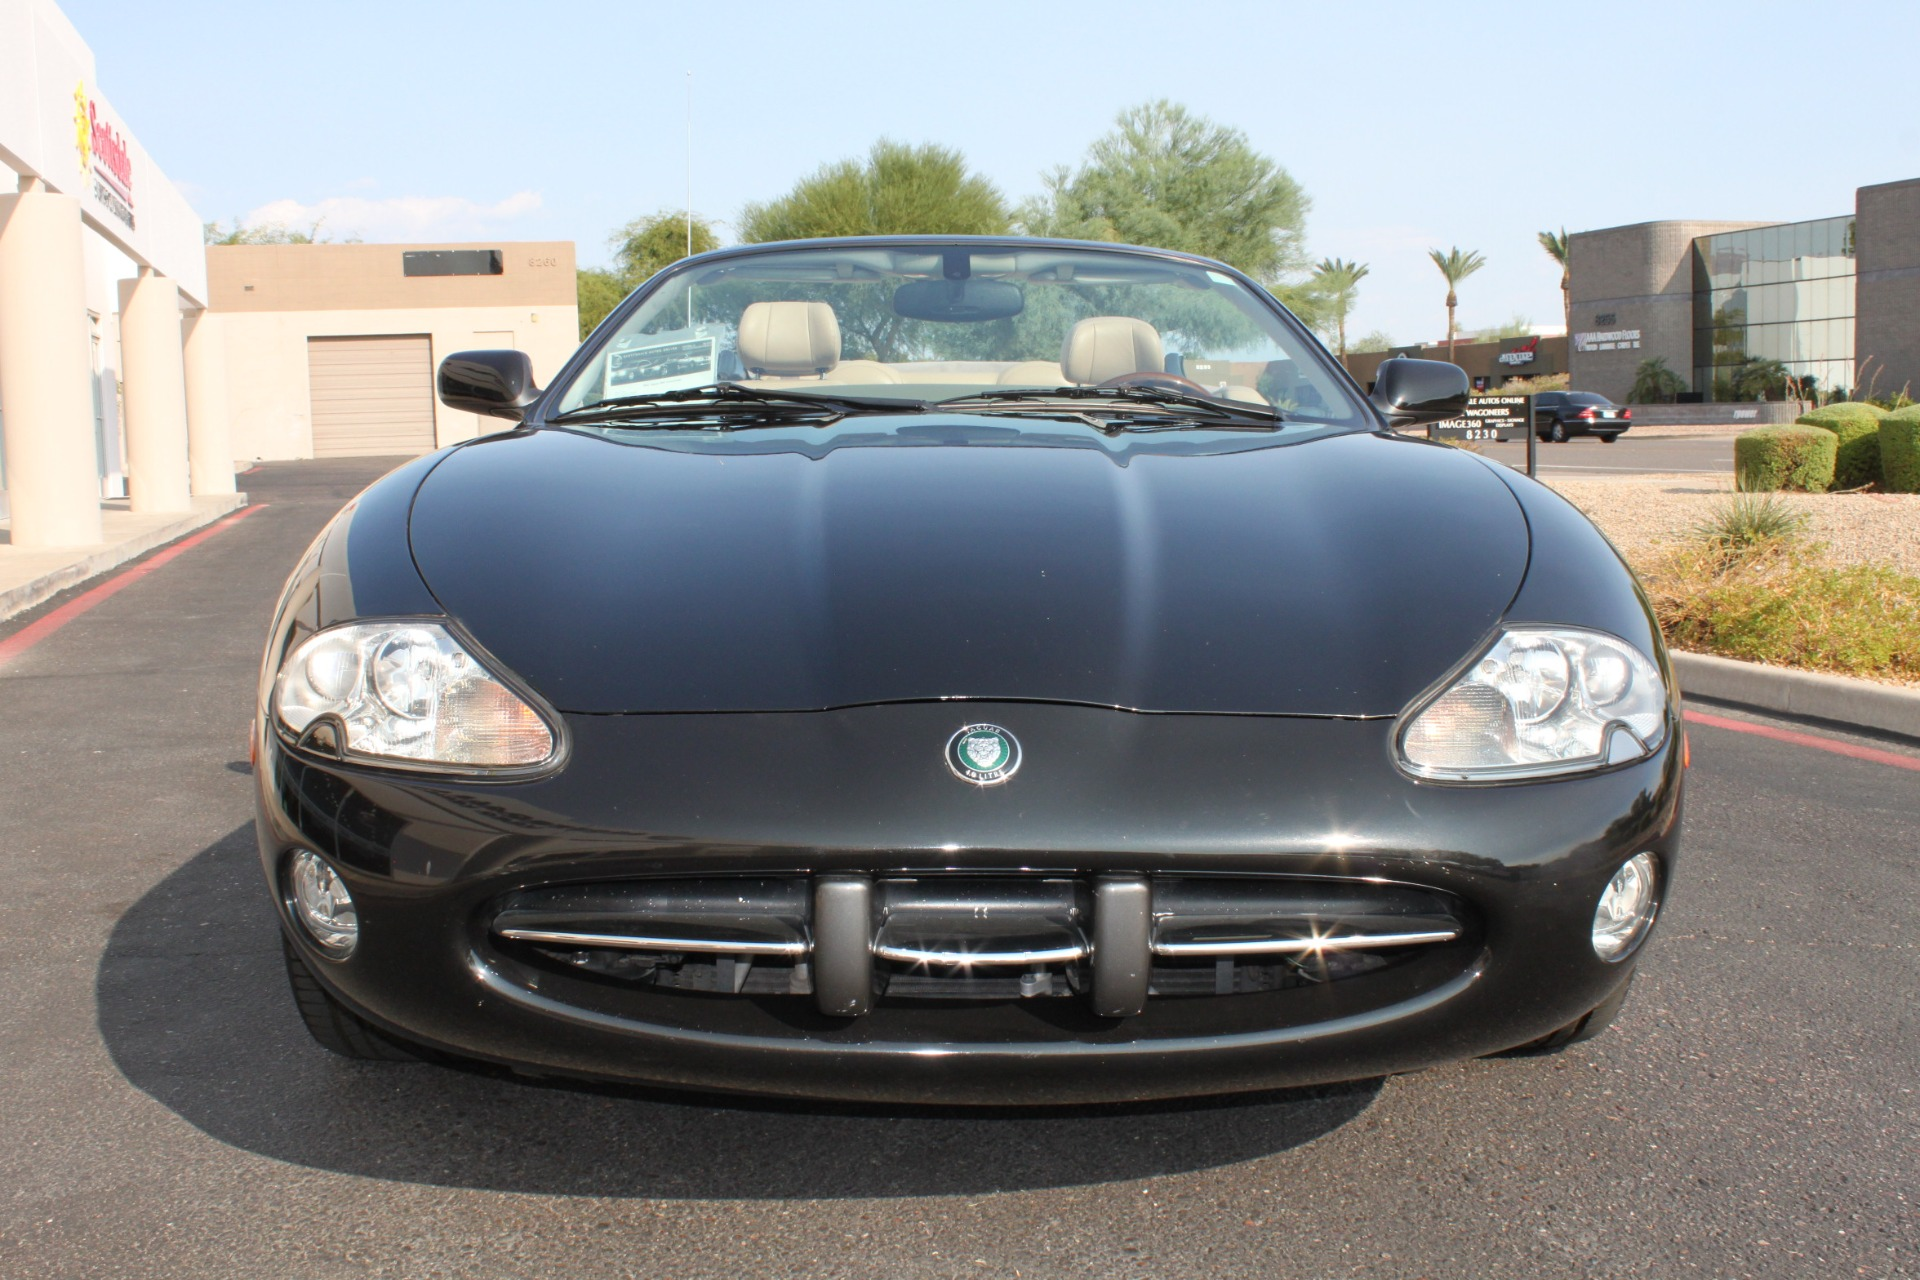 Used-2002-Jaguar-XK8-Convertible-XK8-Wrangler